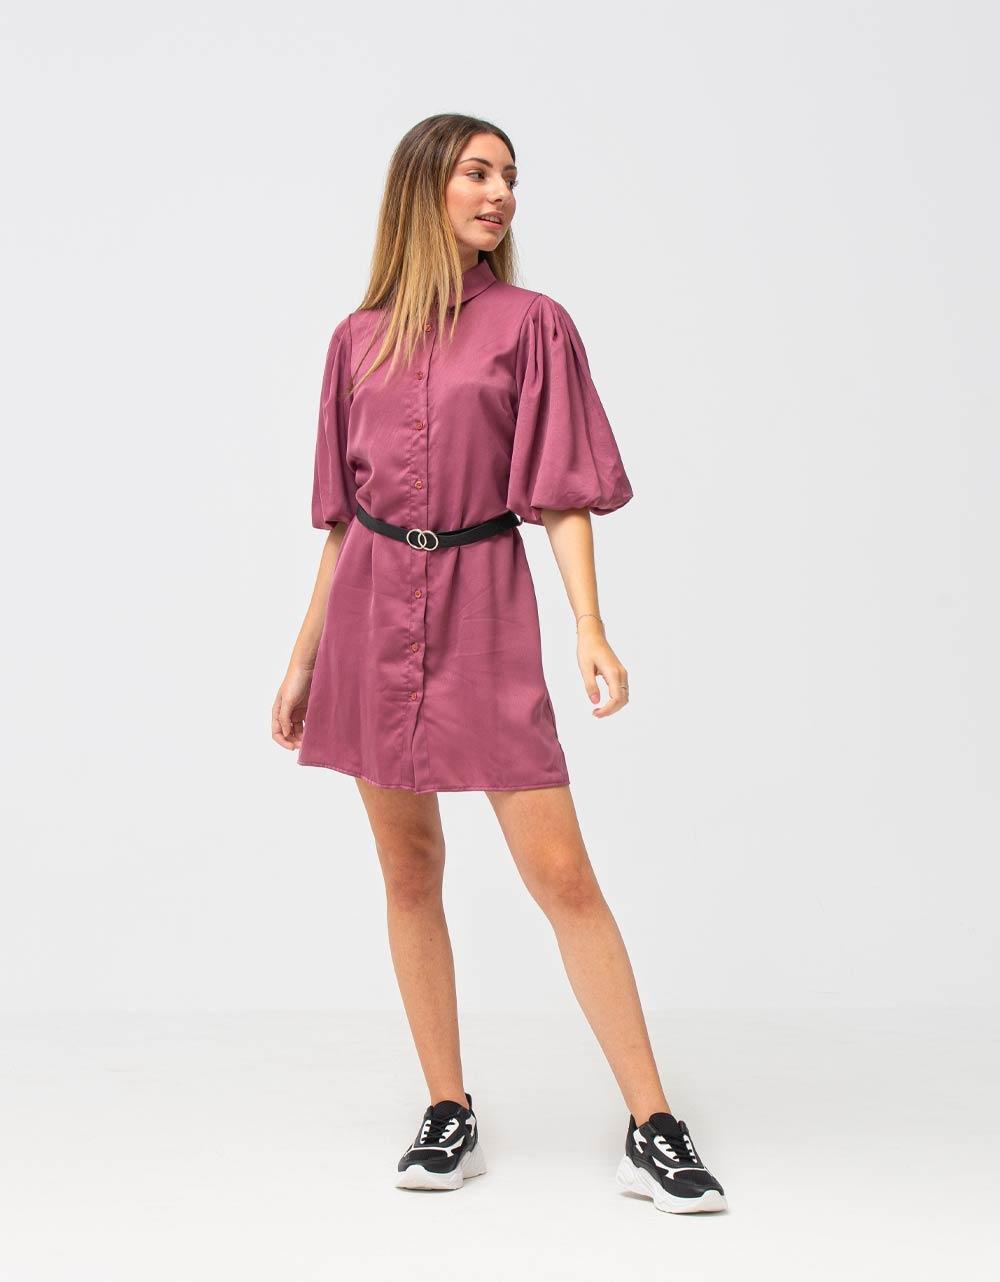 Εικόνα από Γυναικείο φόρεμα σατέν με κουμπιά και ζωνάκι Ροζ